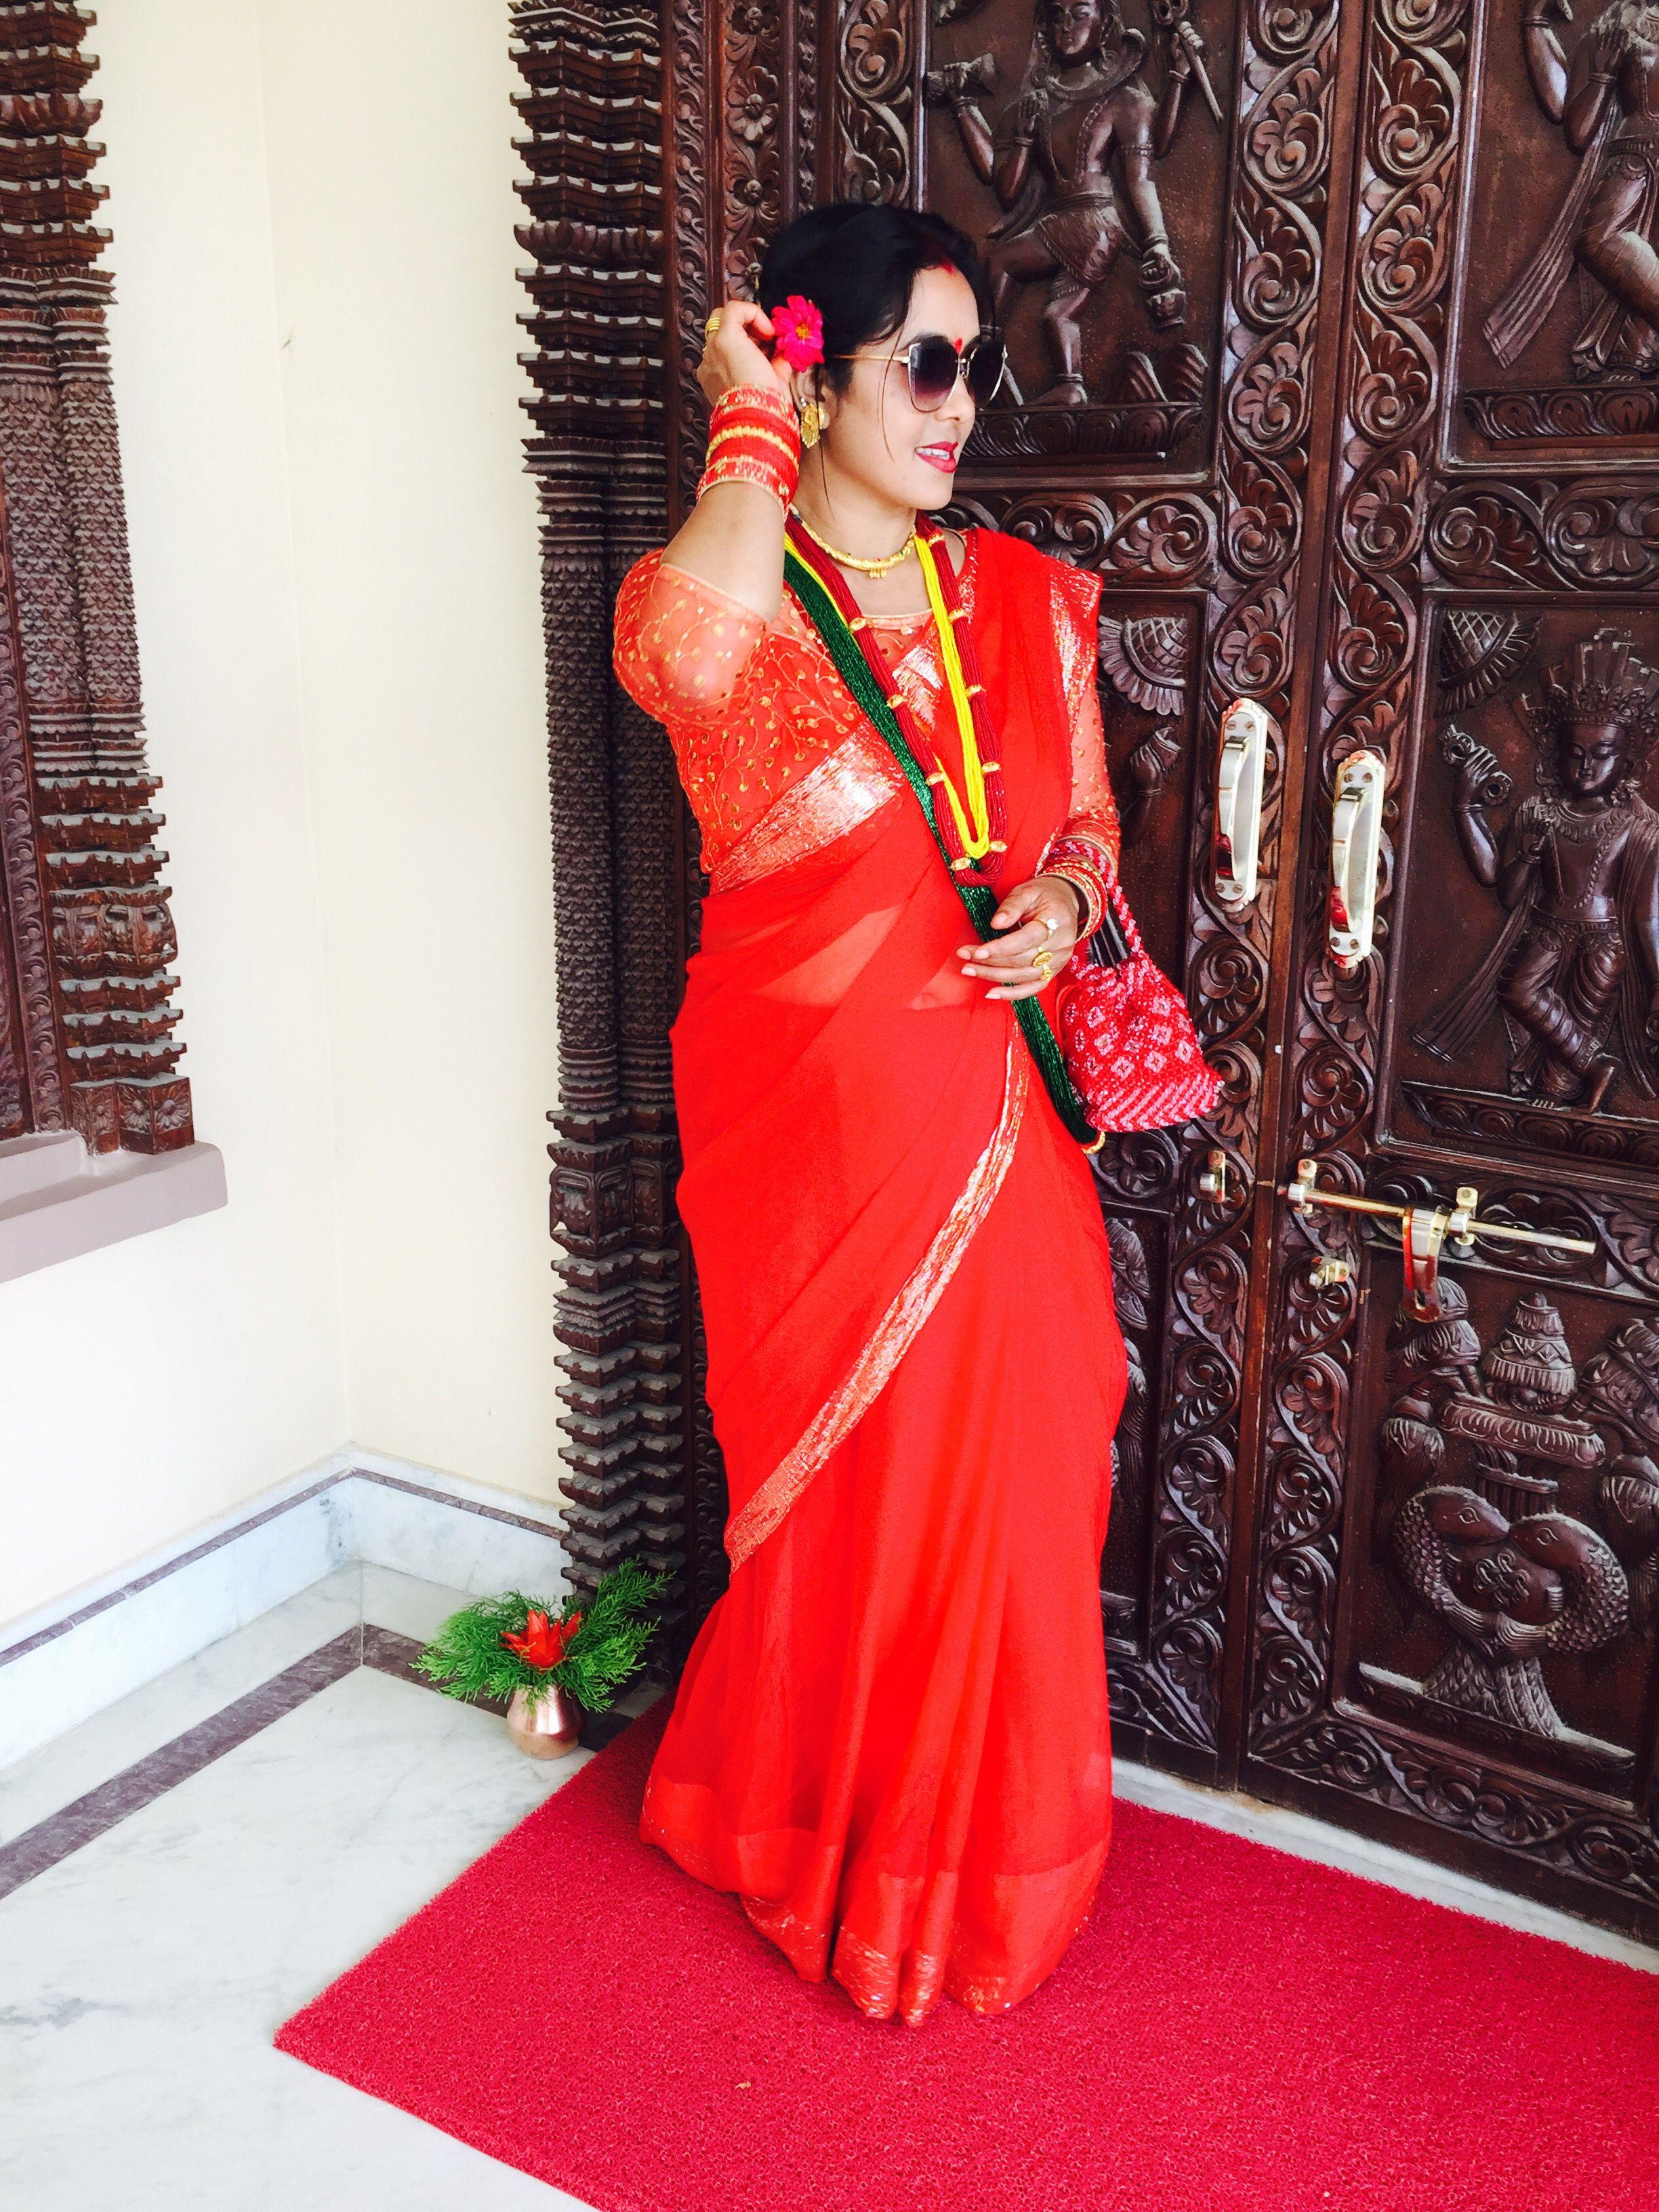 4a2fffae3f26a4 #sari #red # teej # 2018 # Nepal # Nepali # mom # tejaswinee #instagram :  tejaswineerisal 😍❤ 😘